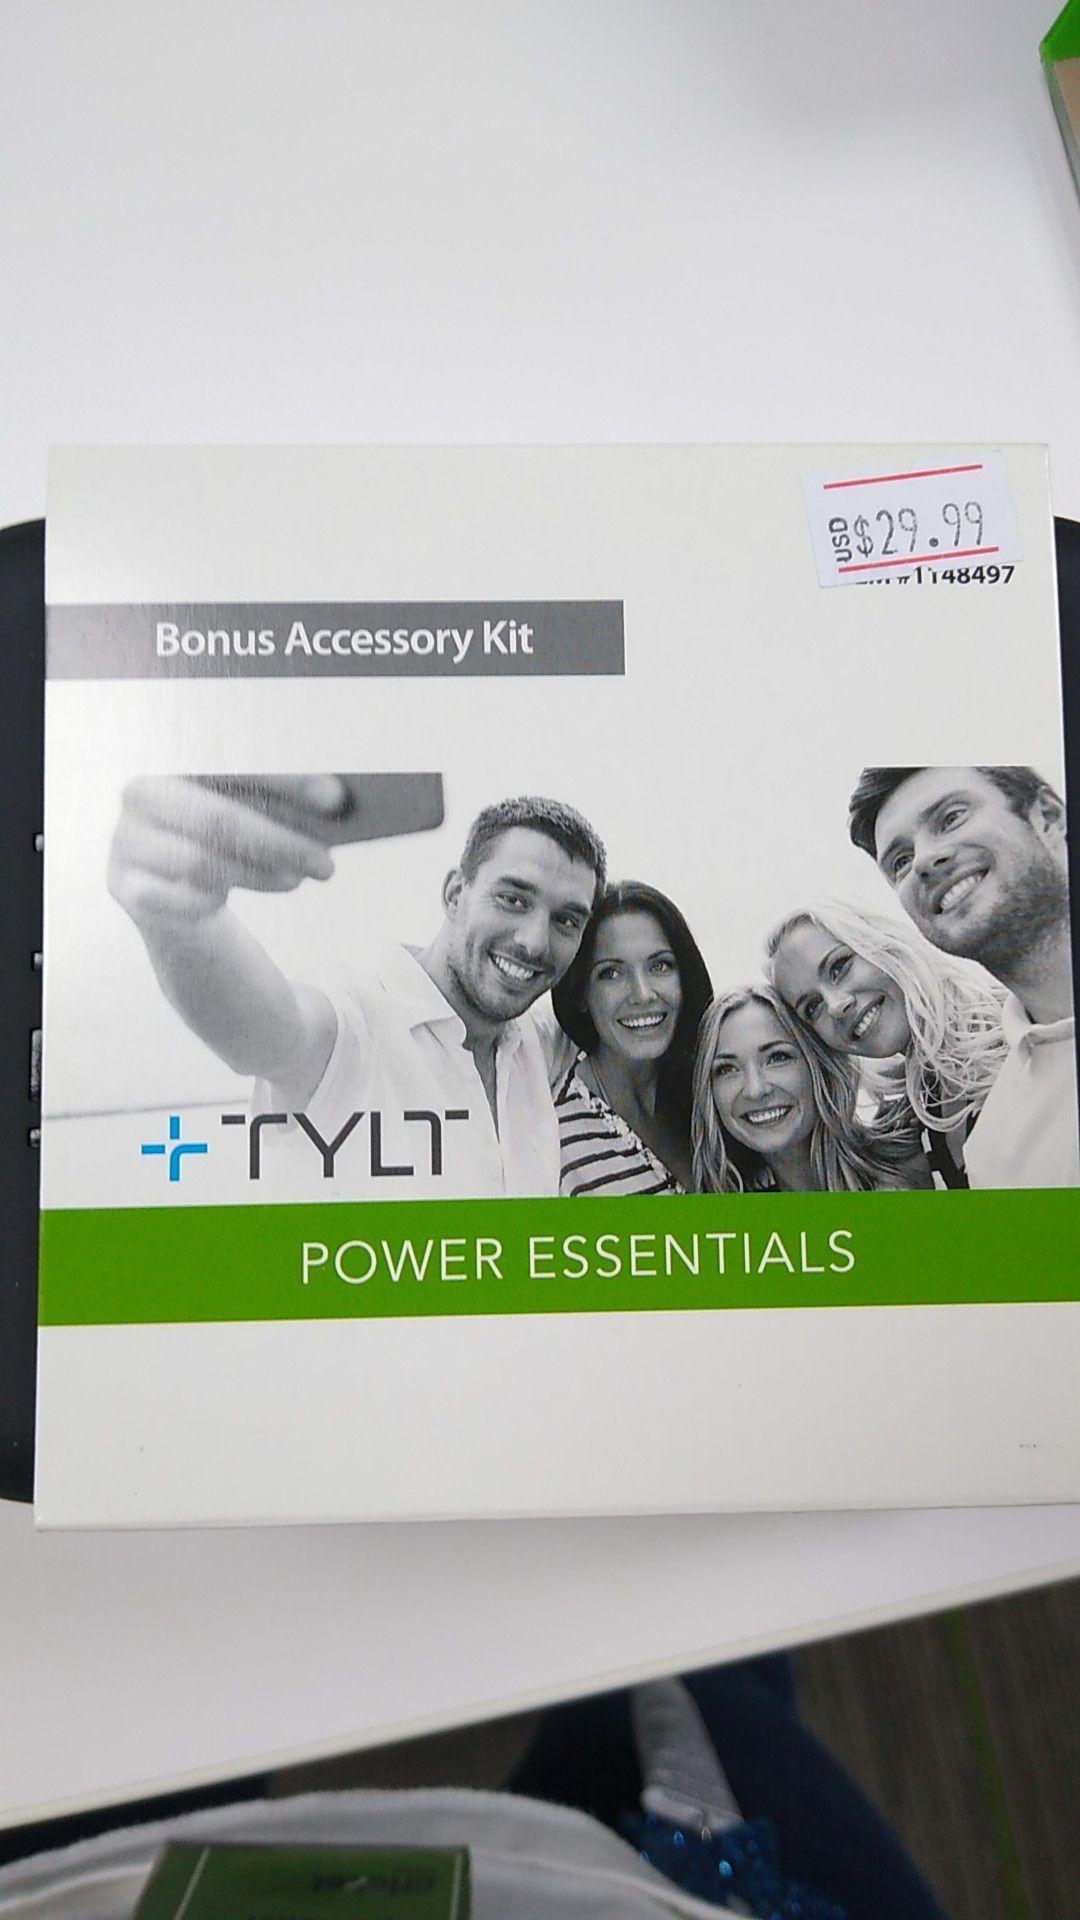 +TYLT Power Essentials